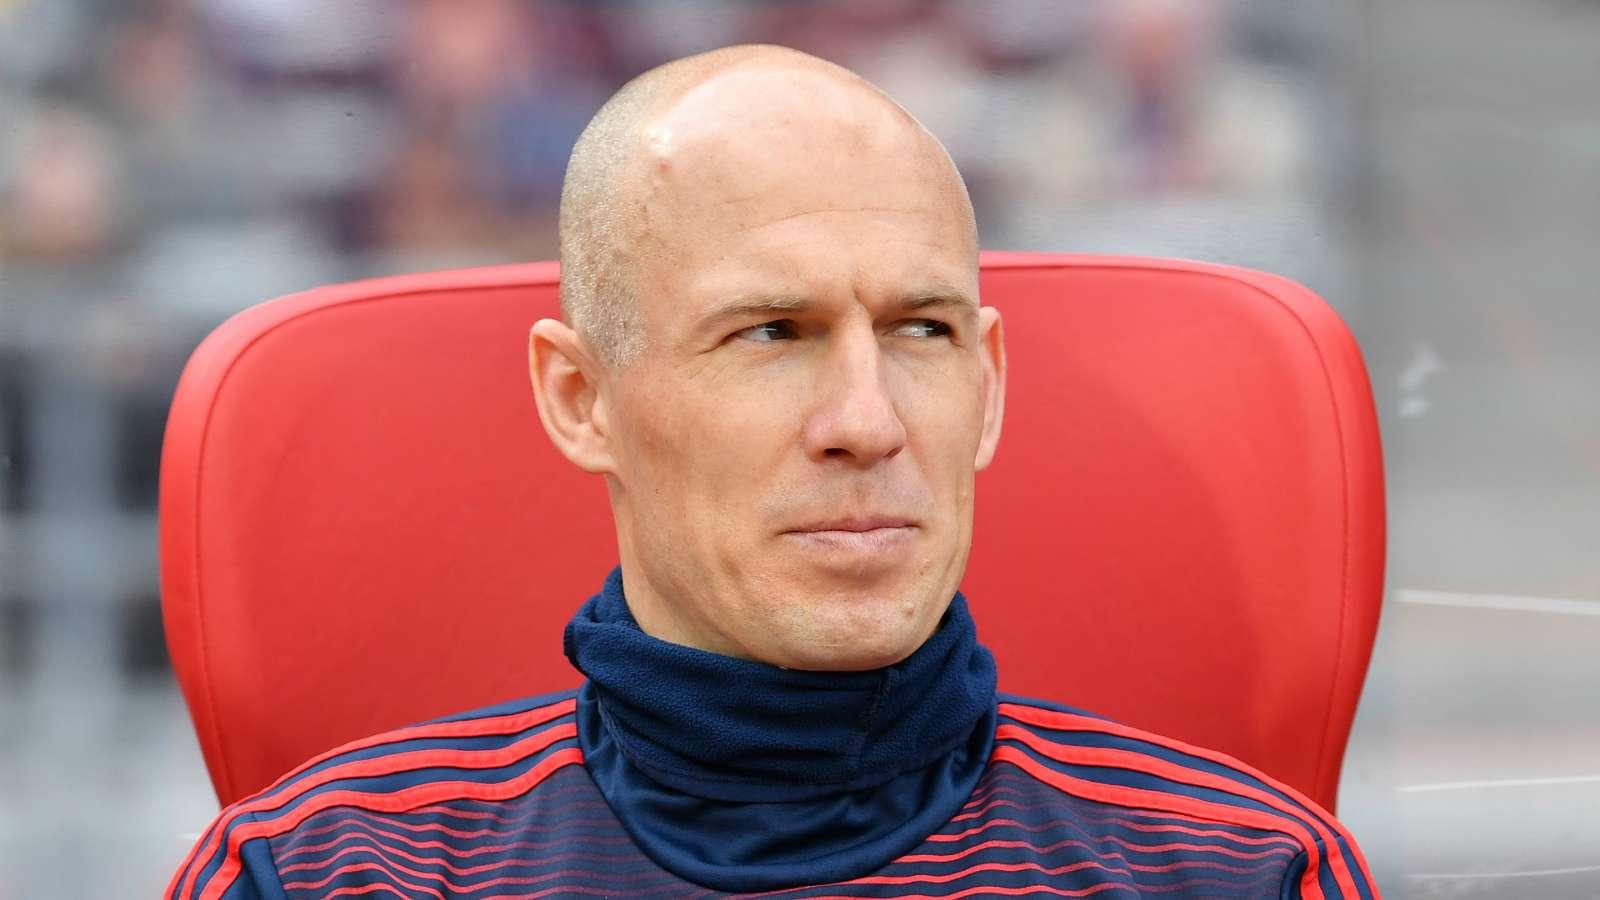 Rời Bayern, Robben cân nhắc chuyện giải nghệ - Bóng Đá